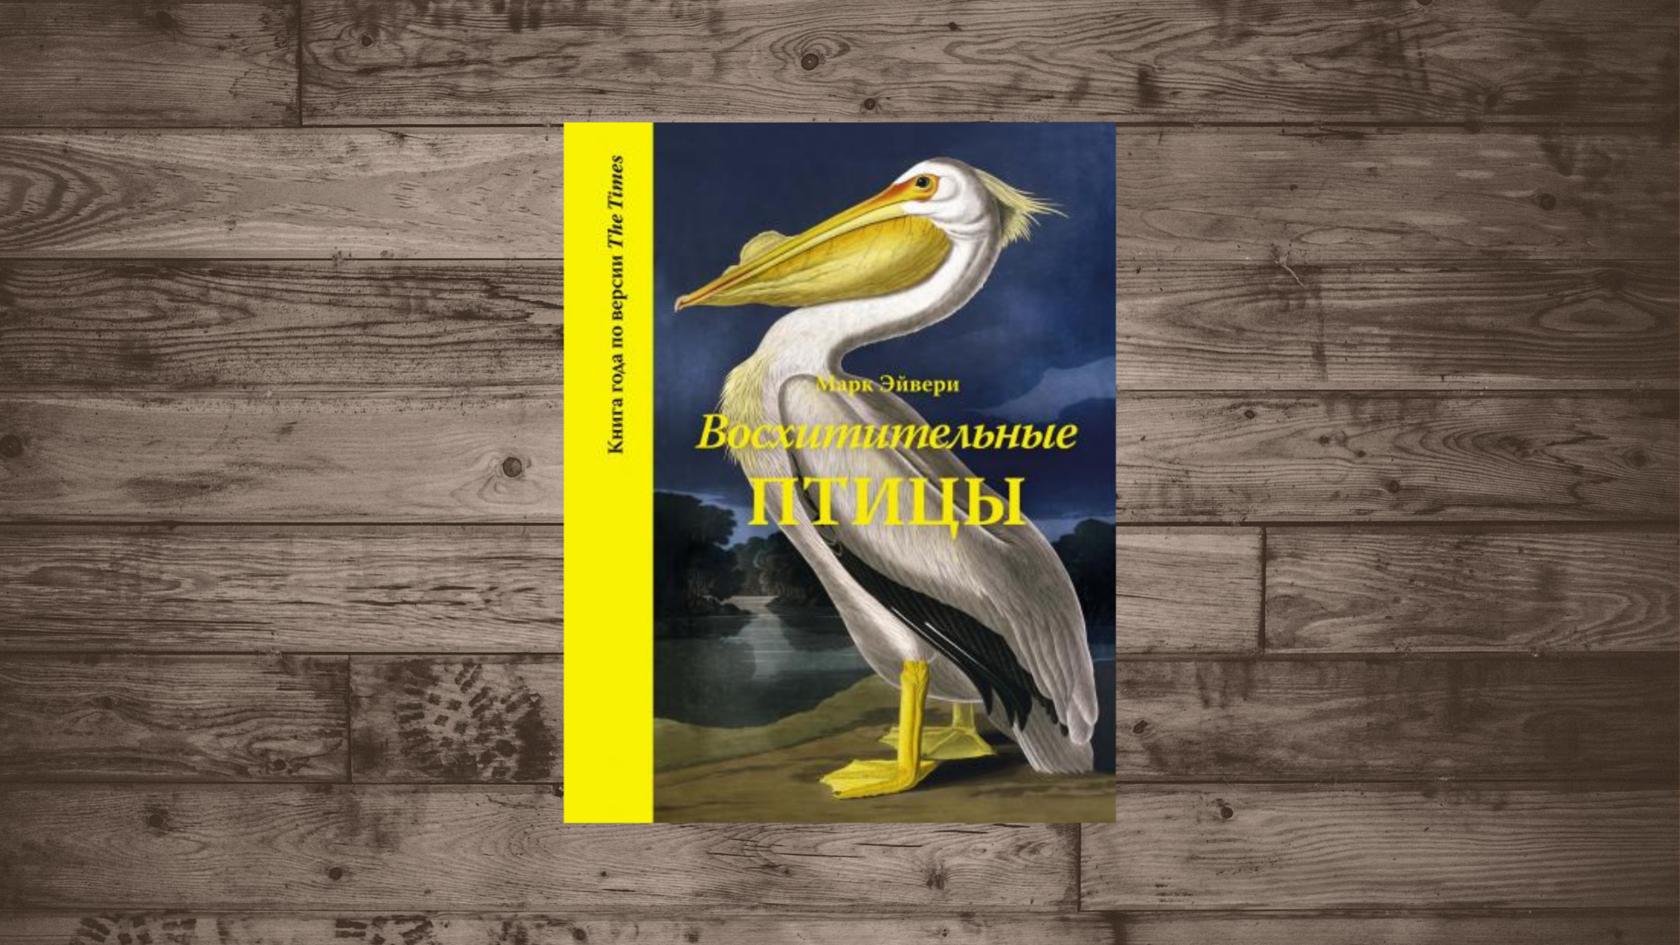 Купить Марк Эйвери «Восхитительные птицы», Азбука, 978-5-389-13808-7